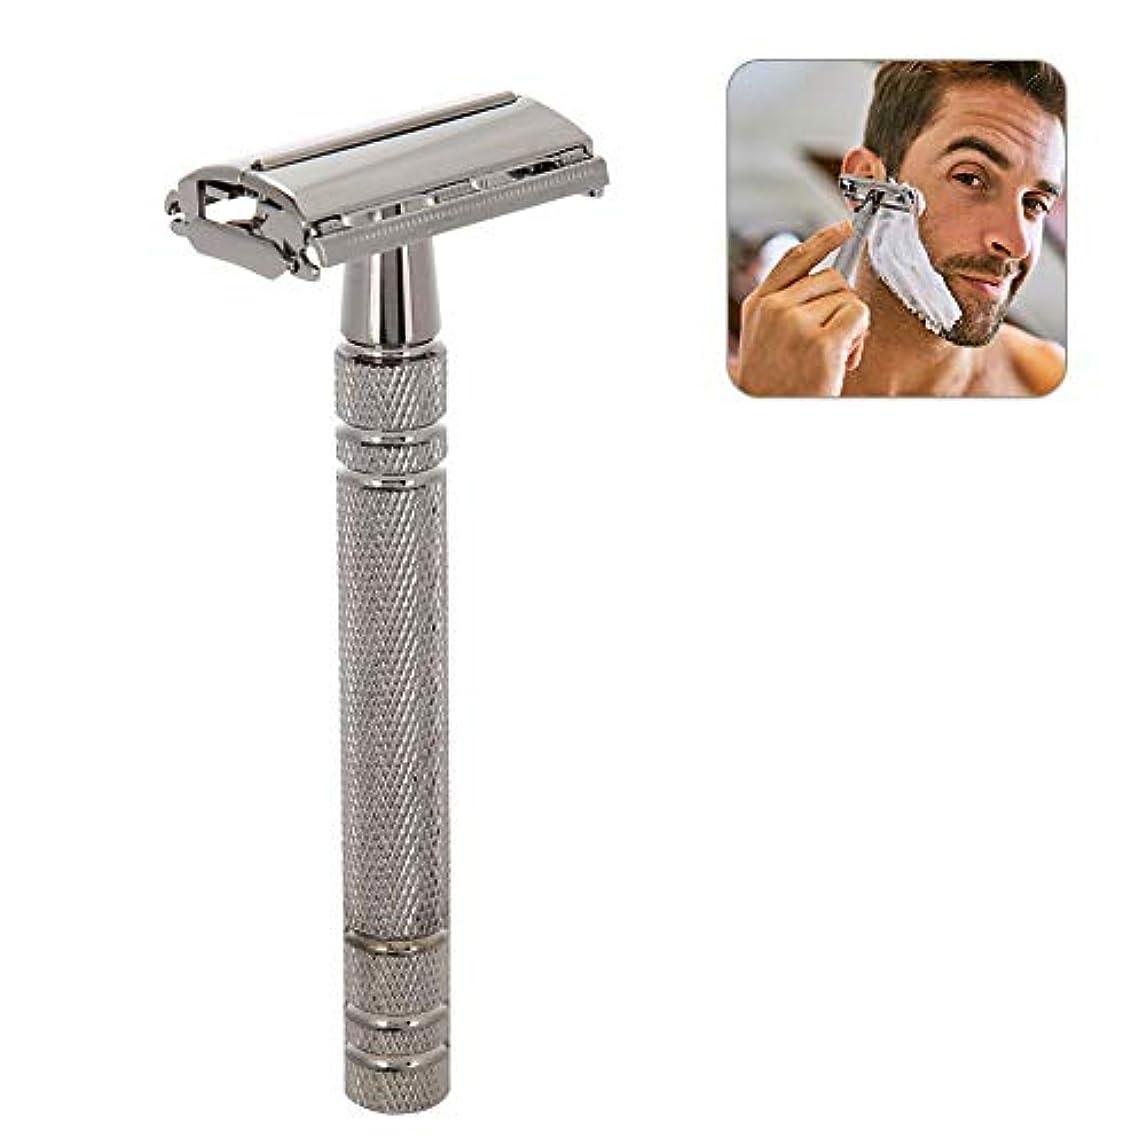 ステップ手順引っ張るメンズシェーバー クラシックレイザー 脱毛器 剃刀 手動 交換可能なブレード(シルバー)